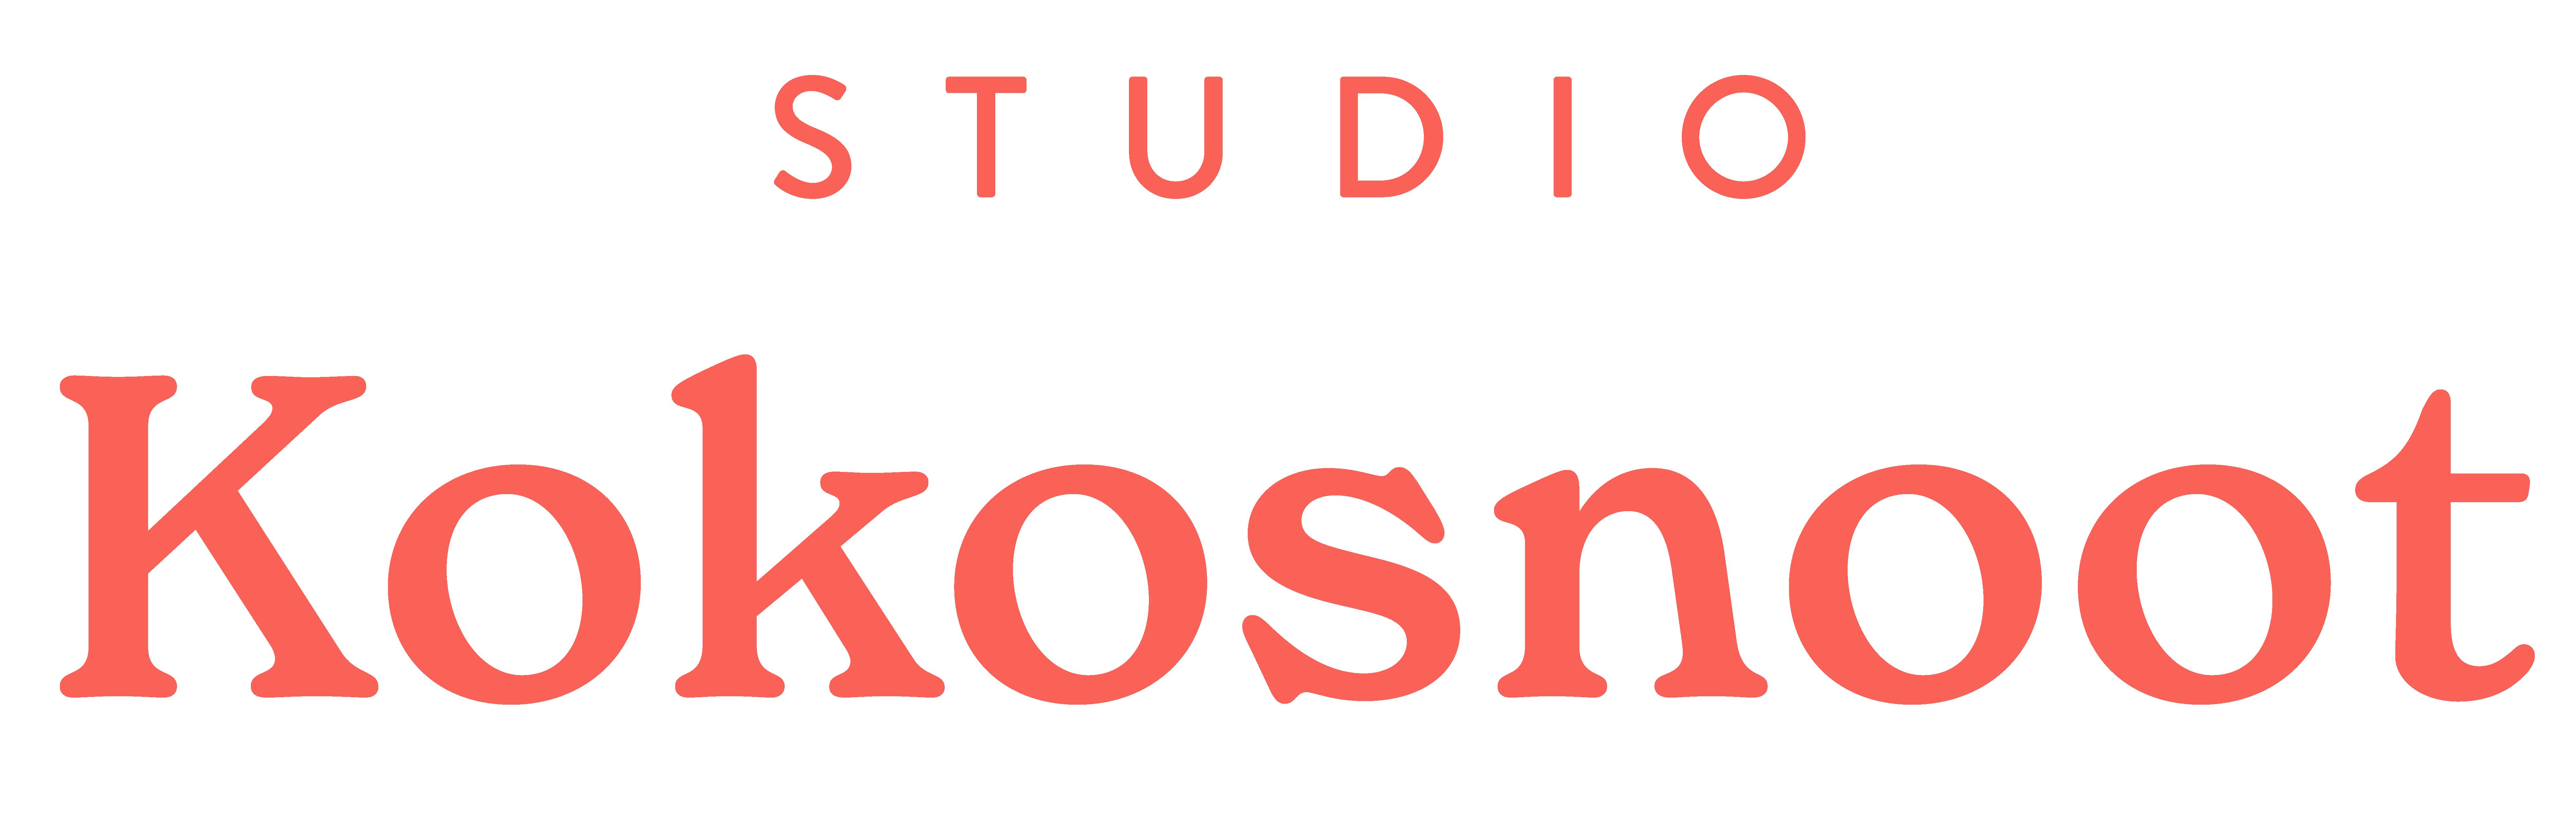 Studio Kokosnoot